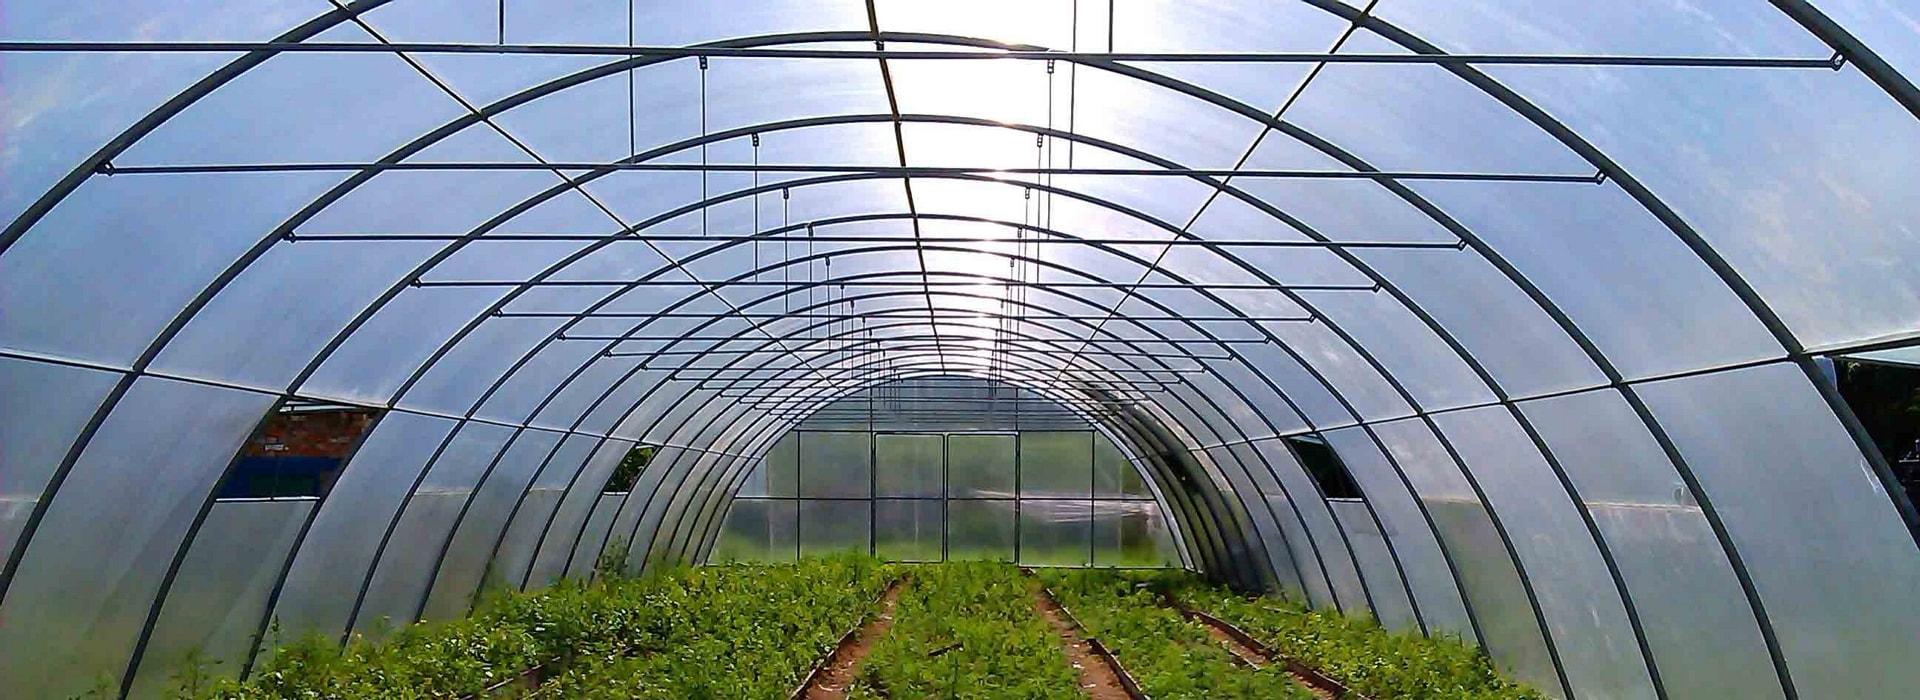 применение поликарбоната в сельском хозяйстве фото 2